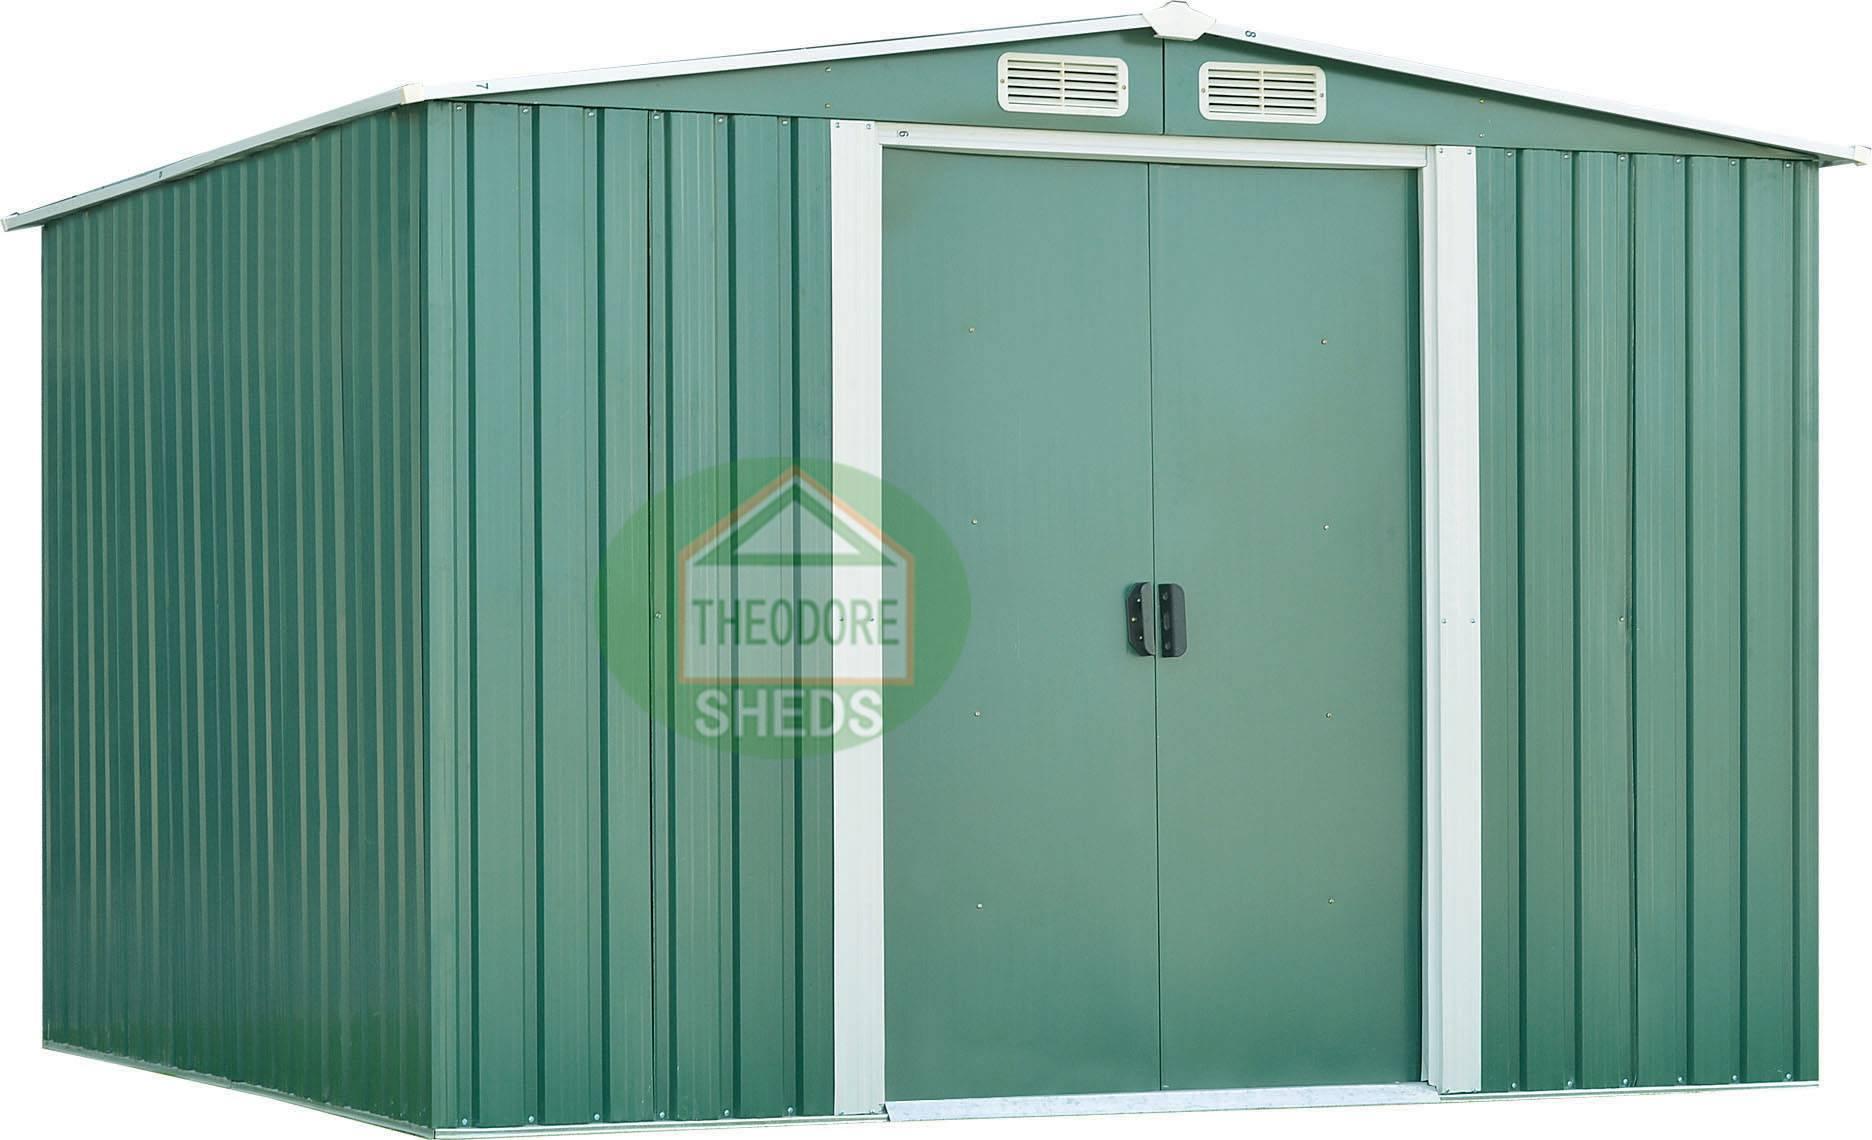 Theodore Sheds Company storage sheds series